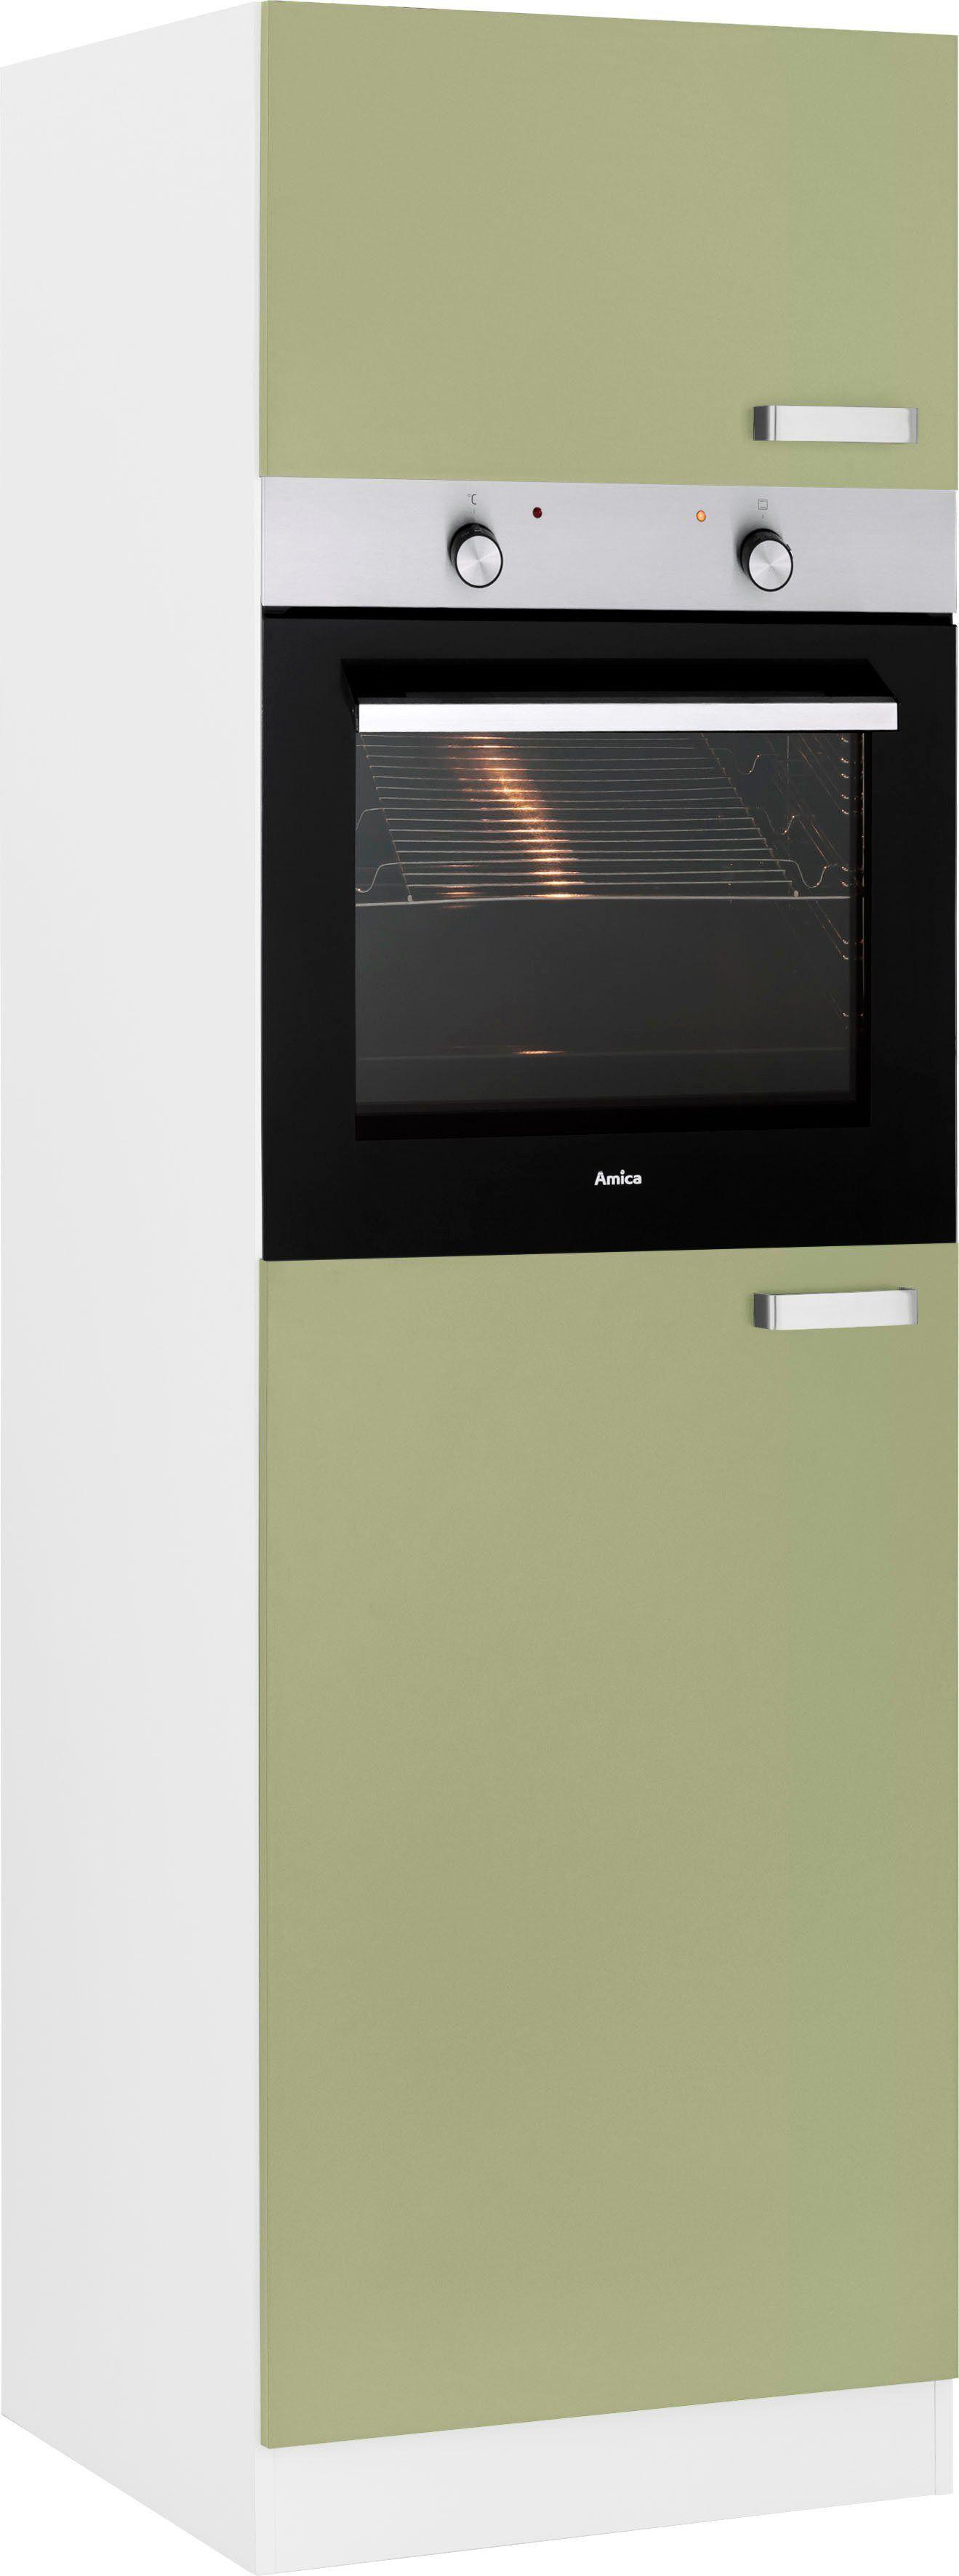 wiho Küchen Backofen/Kühlumbauschrank »Husum« 60 cm breit, avocadogrün/weiß